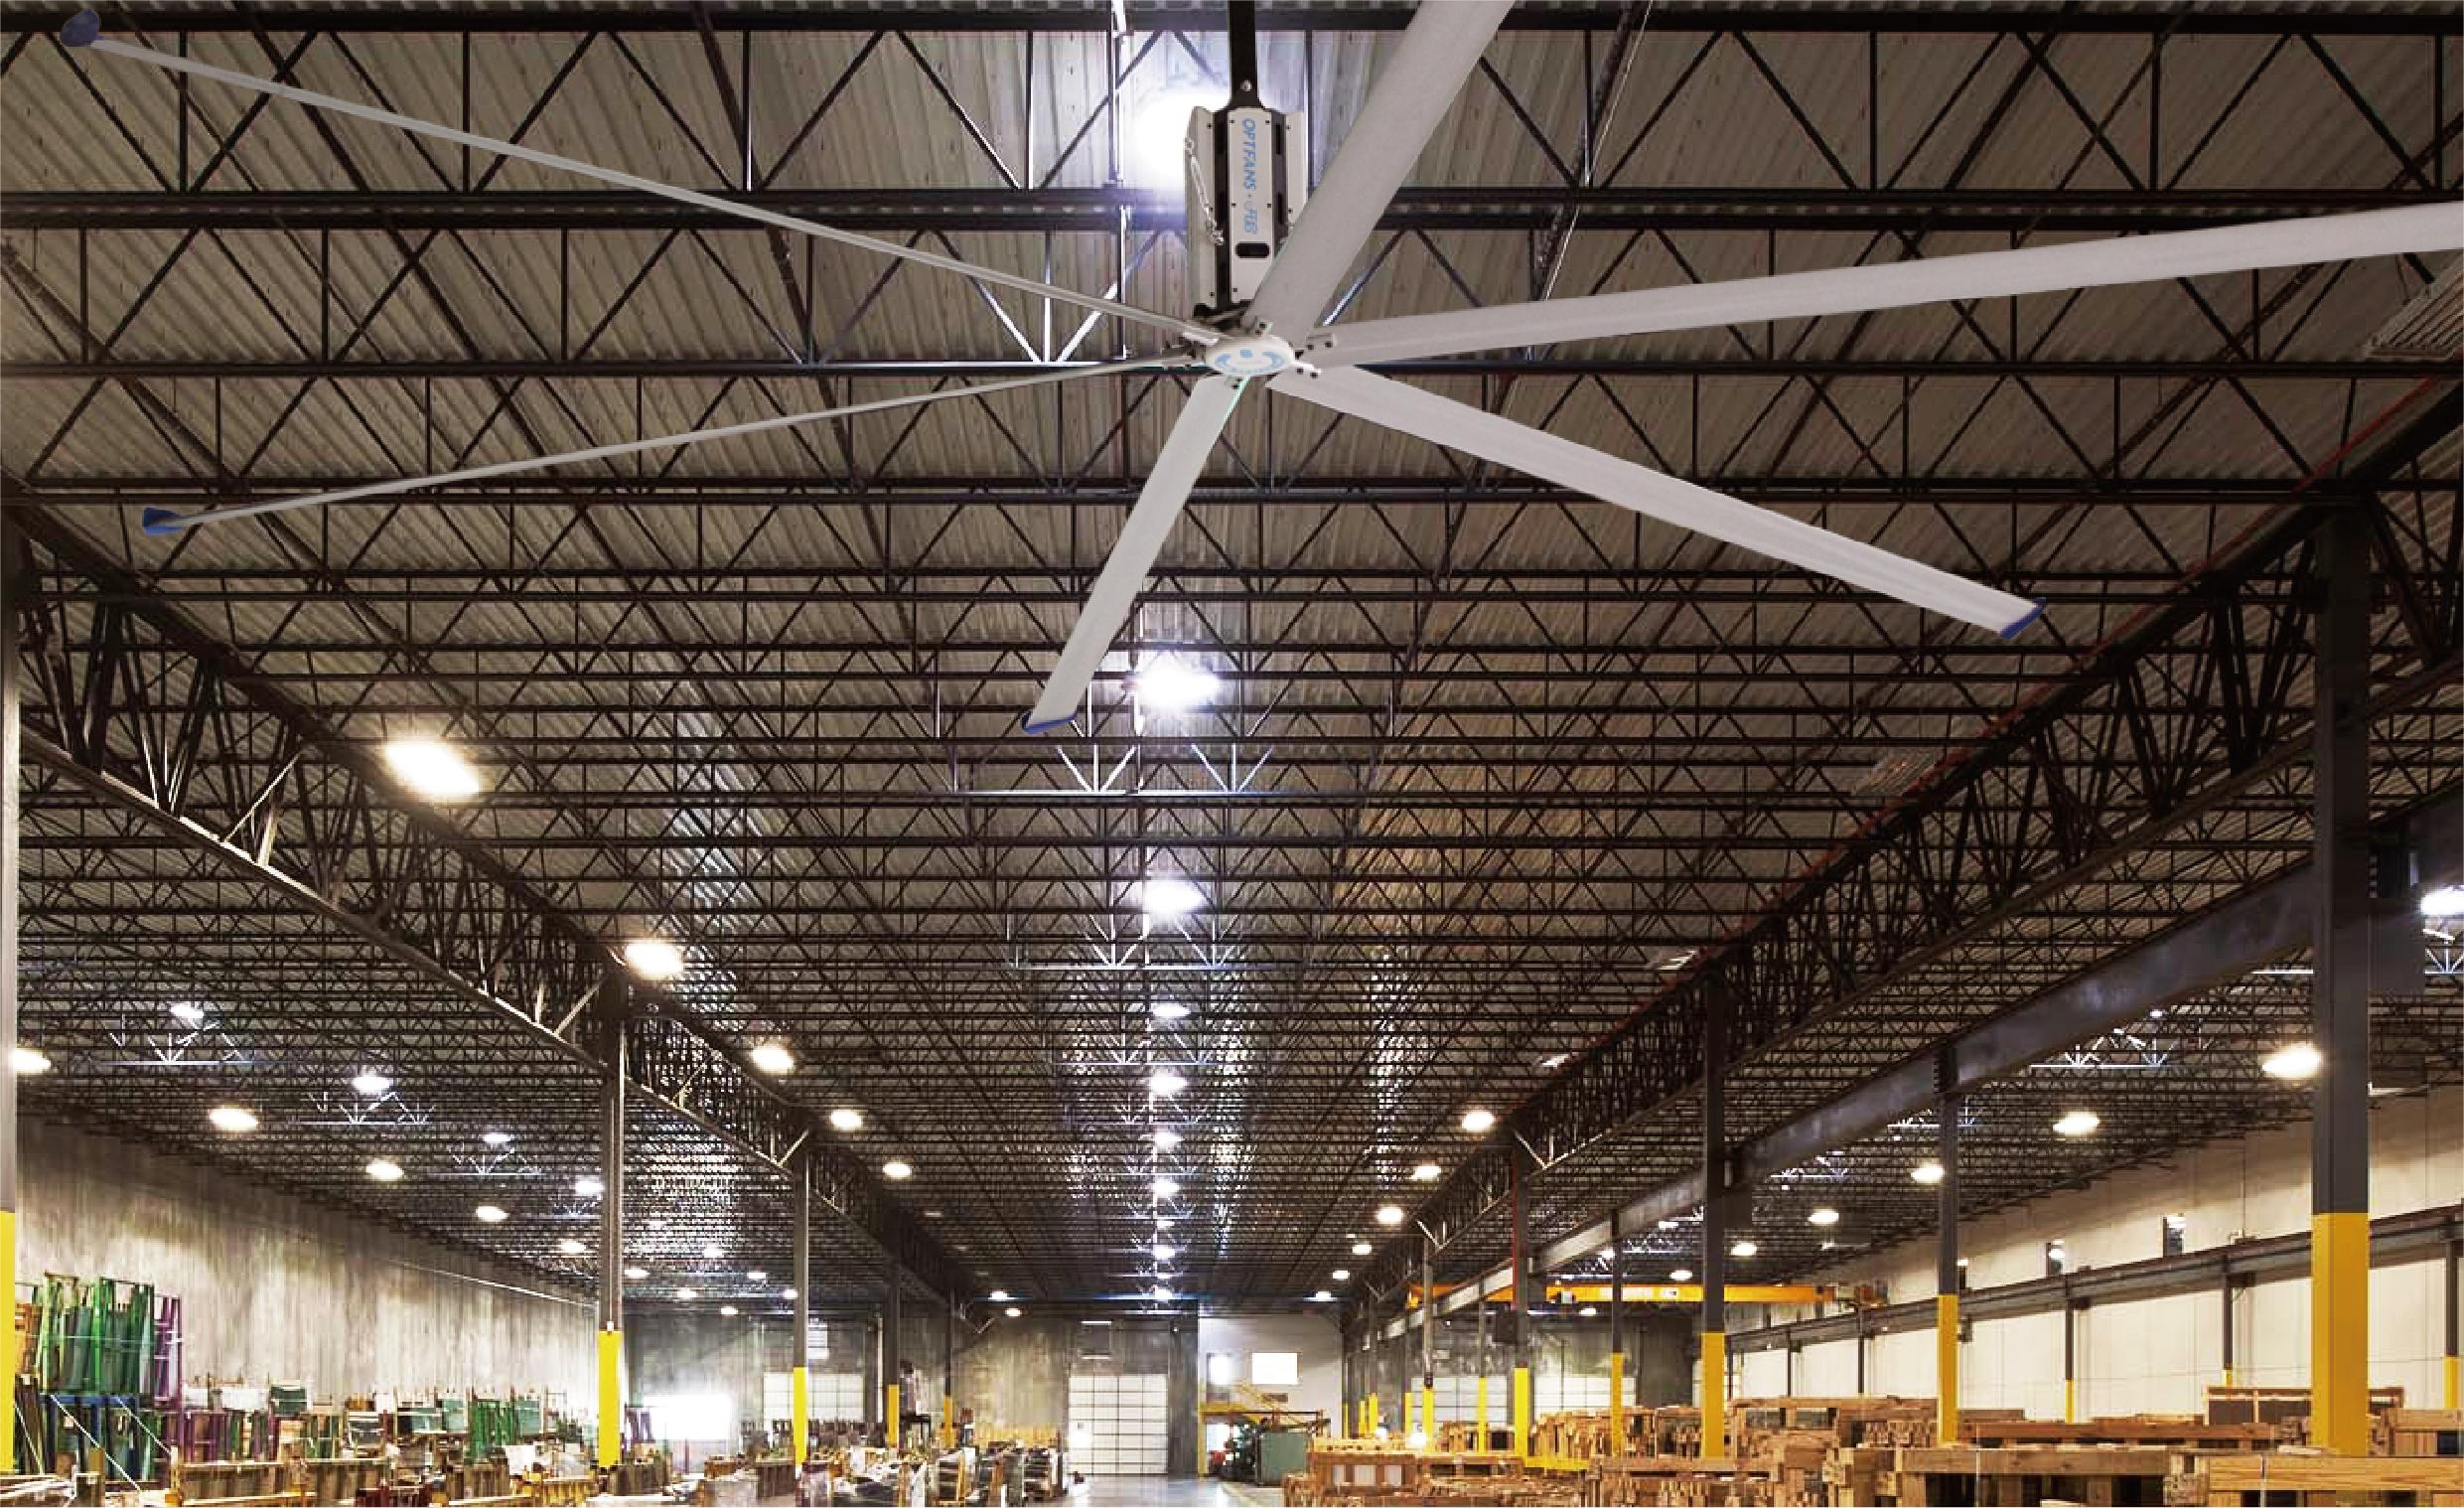 Hvls Industrial Fans Manufacturer In 2020 Commercial Ceiling Fans Industrial Ceiling Fan Industrial Fan